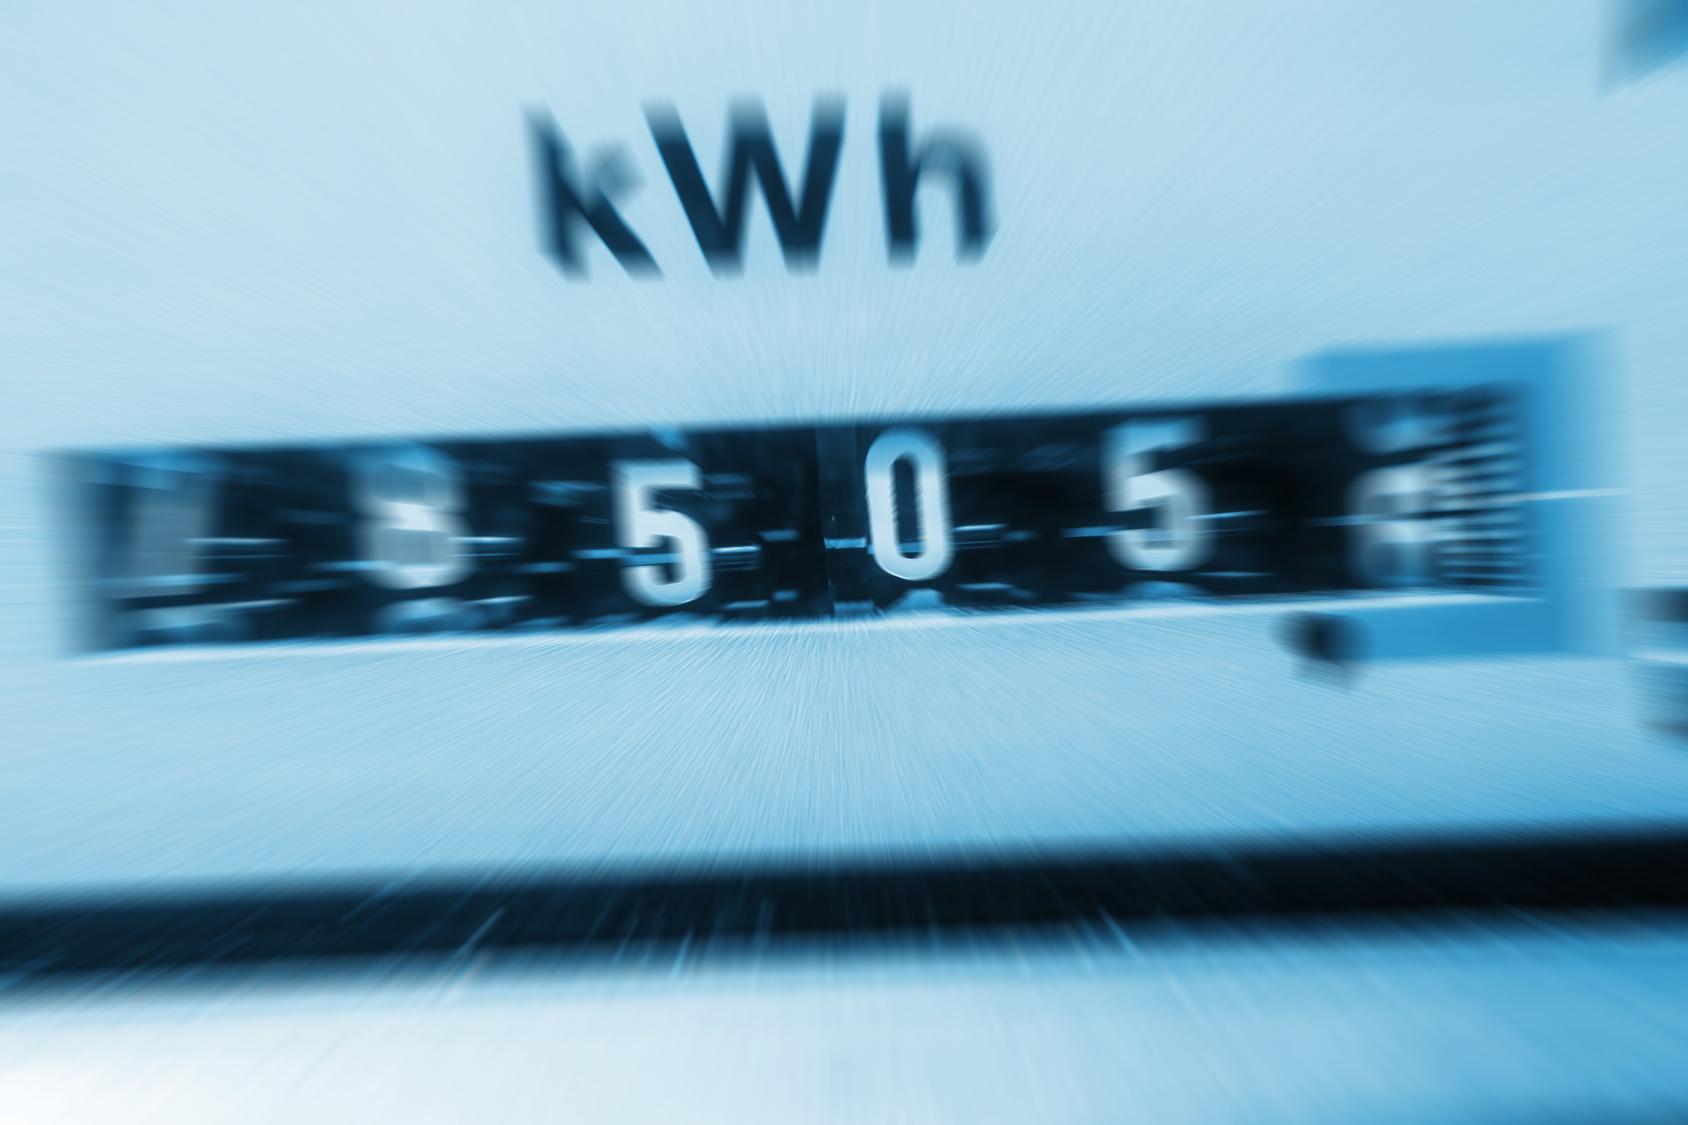 Linky : le nouveau compteur électrique intelligent